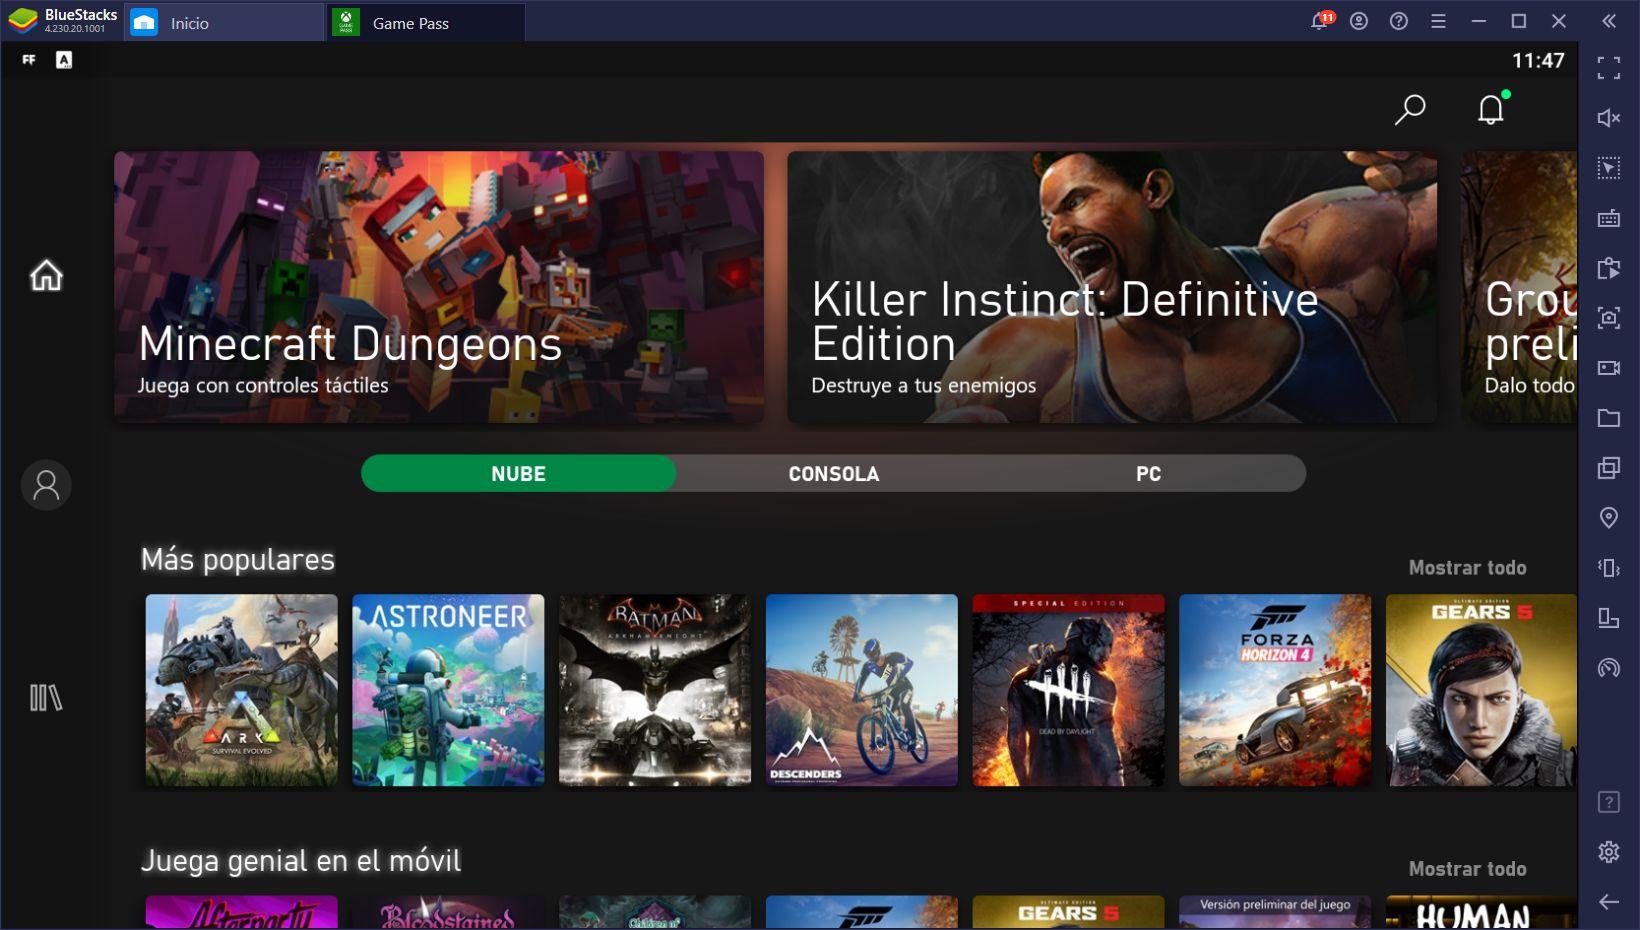 Cómo Jugar Juegos de Xbox en PC con BlueStacks y xCloud